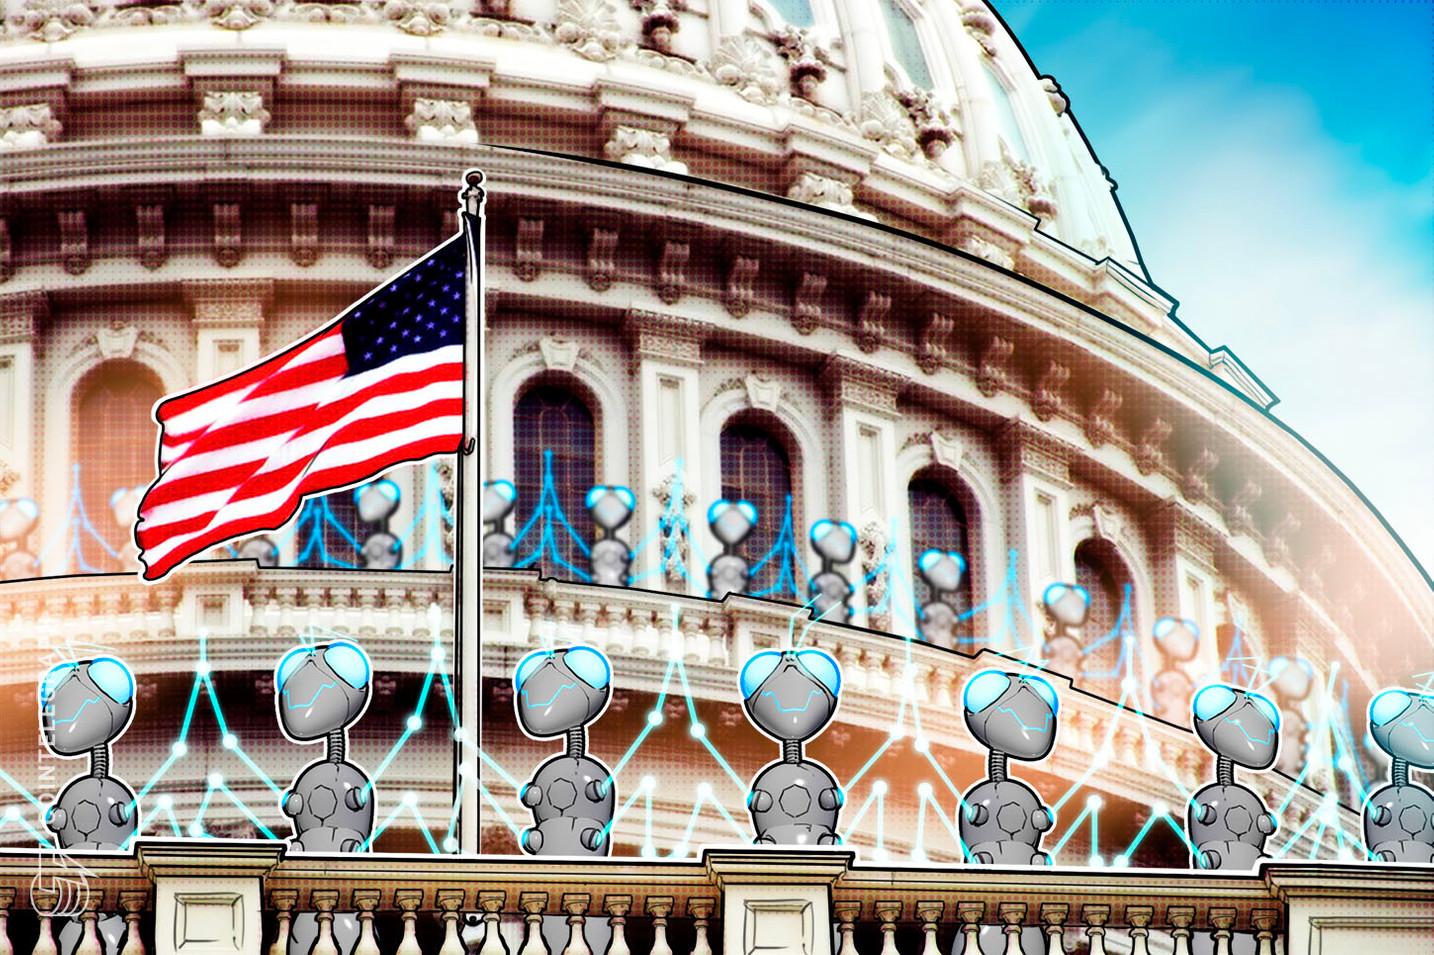 في الكونغرس، يطالب مشروع قانون جديد بإجراء مسح شامل لتقنية بلوكتشين في الولايات المتحدة